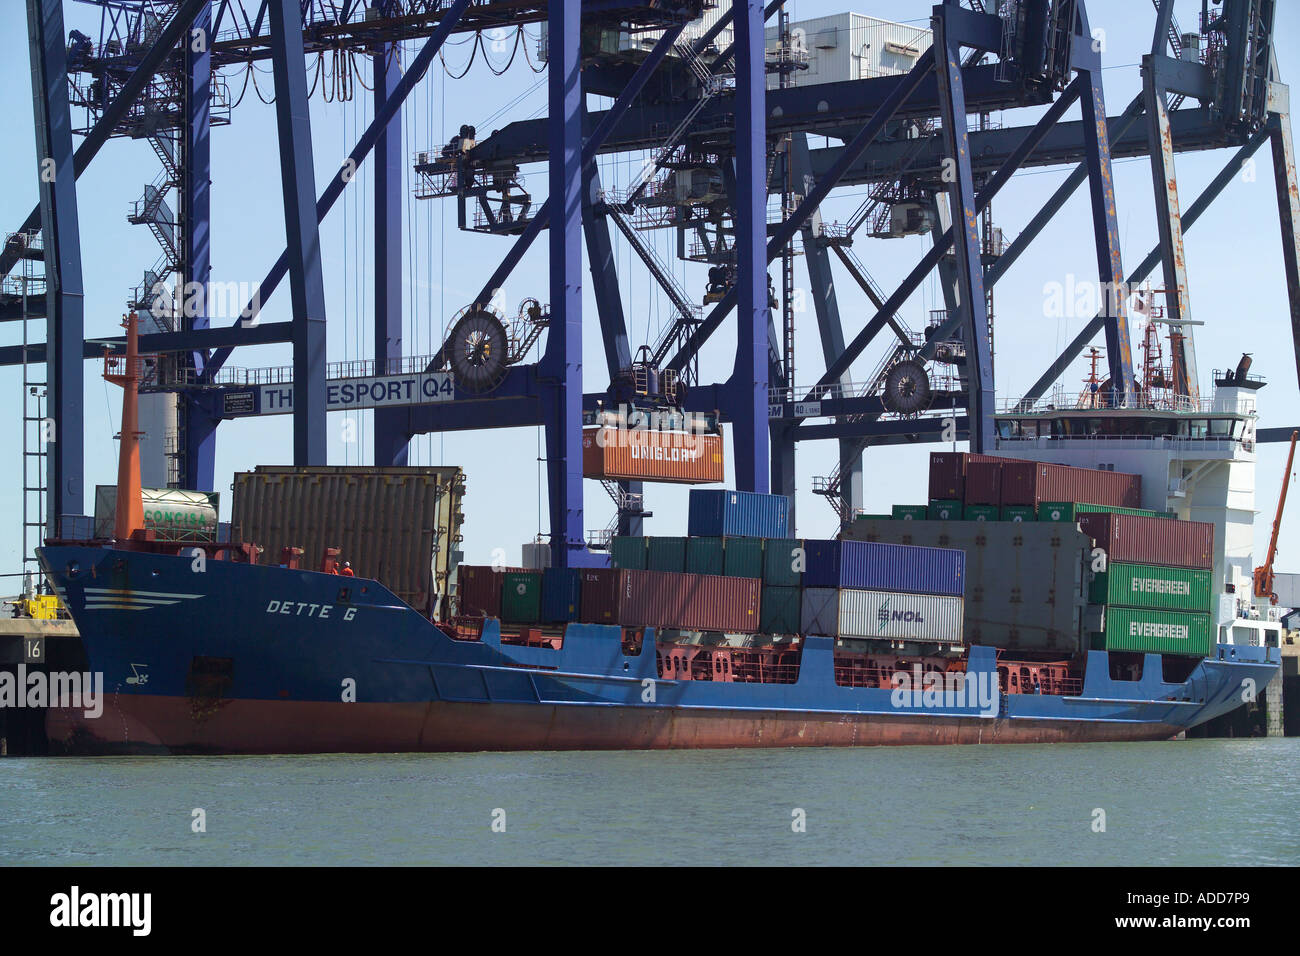 Porte-conteneurs Dette G le déchargement à l'thamesport dans la rivière Medway Thames Estuary Photo Stock